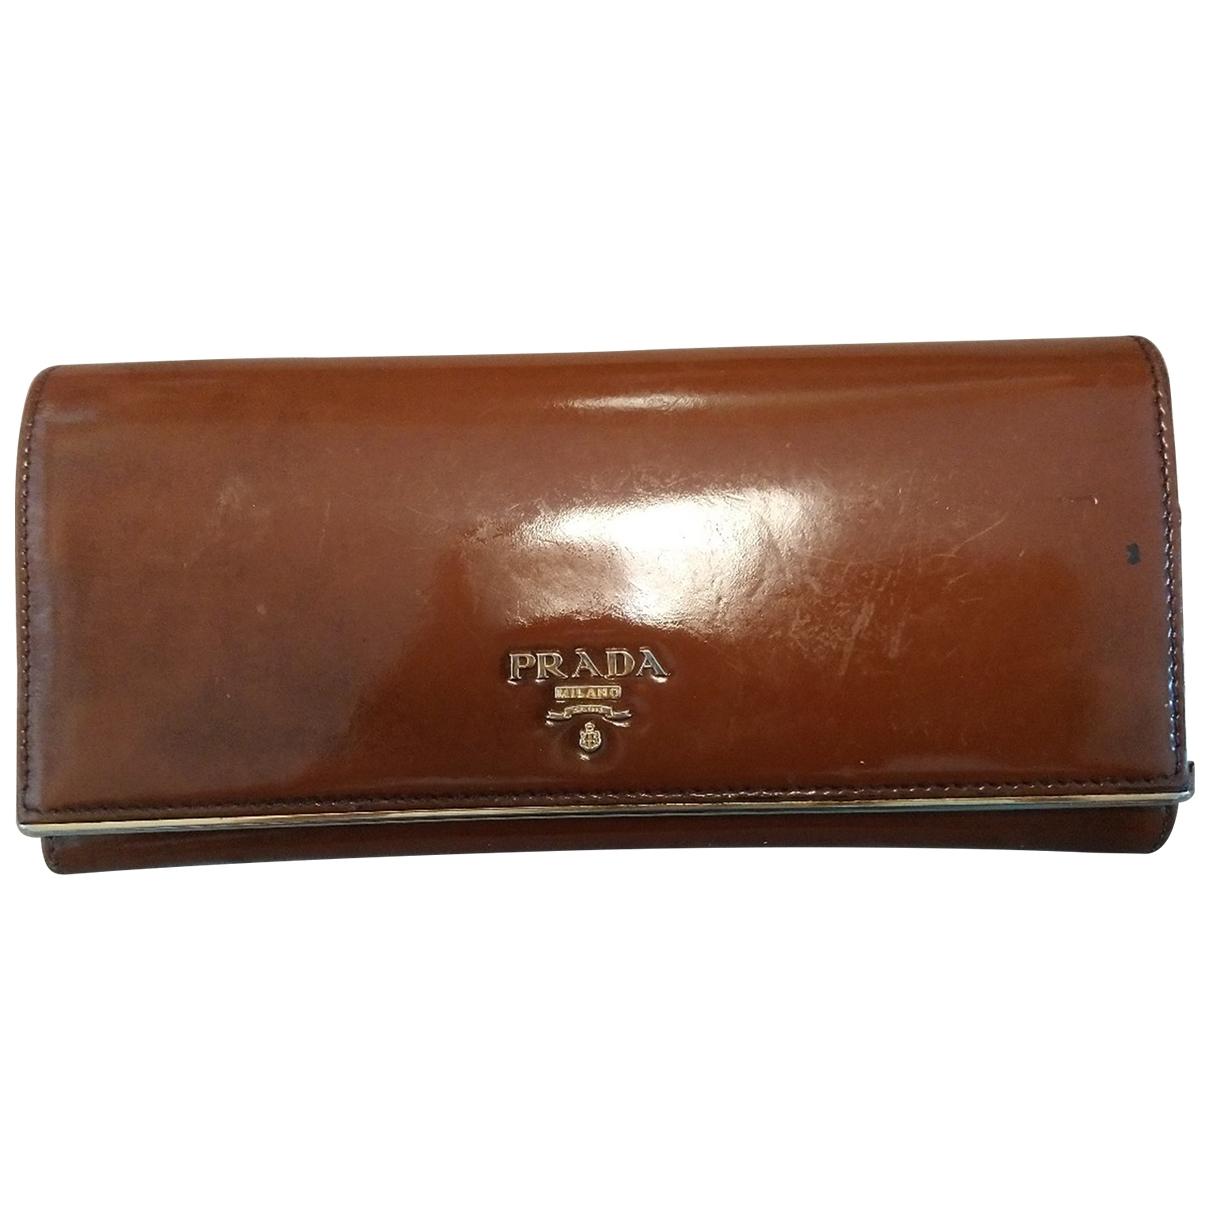 Prada \N Brown Patent leather wallet for Women \N